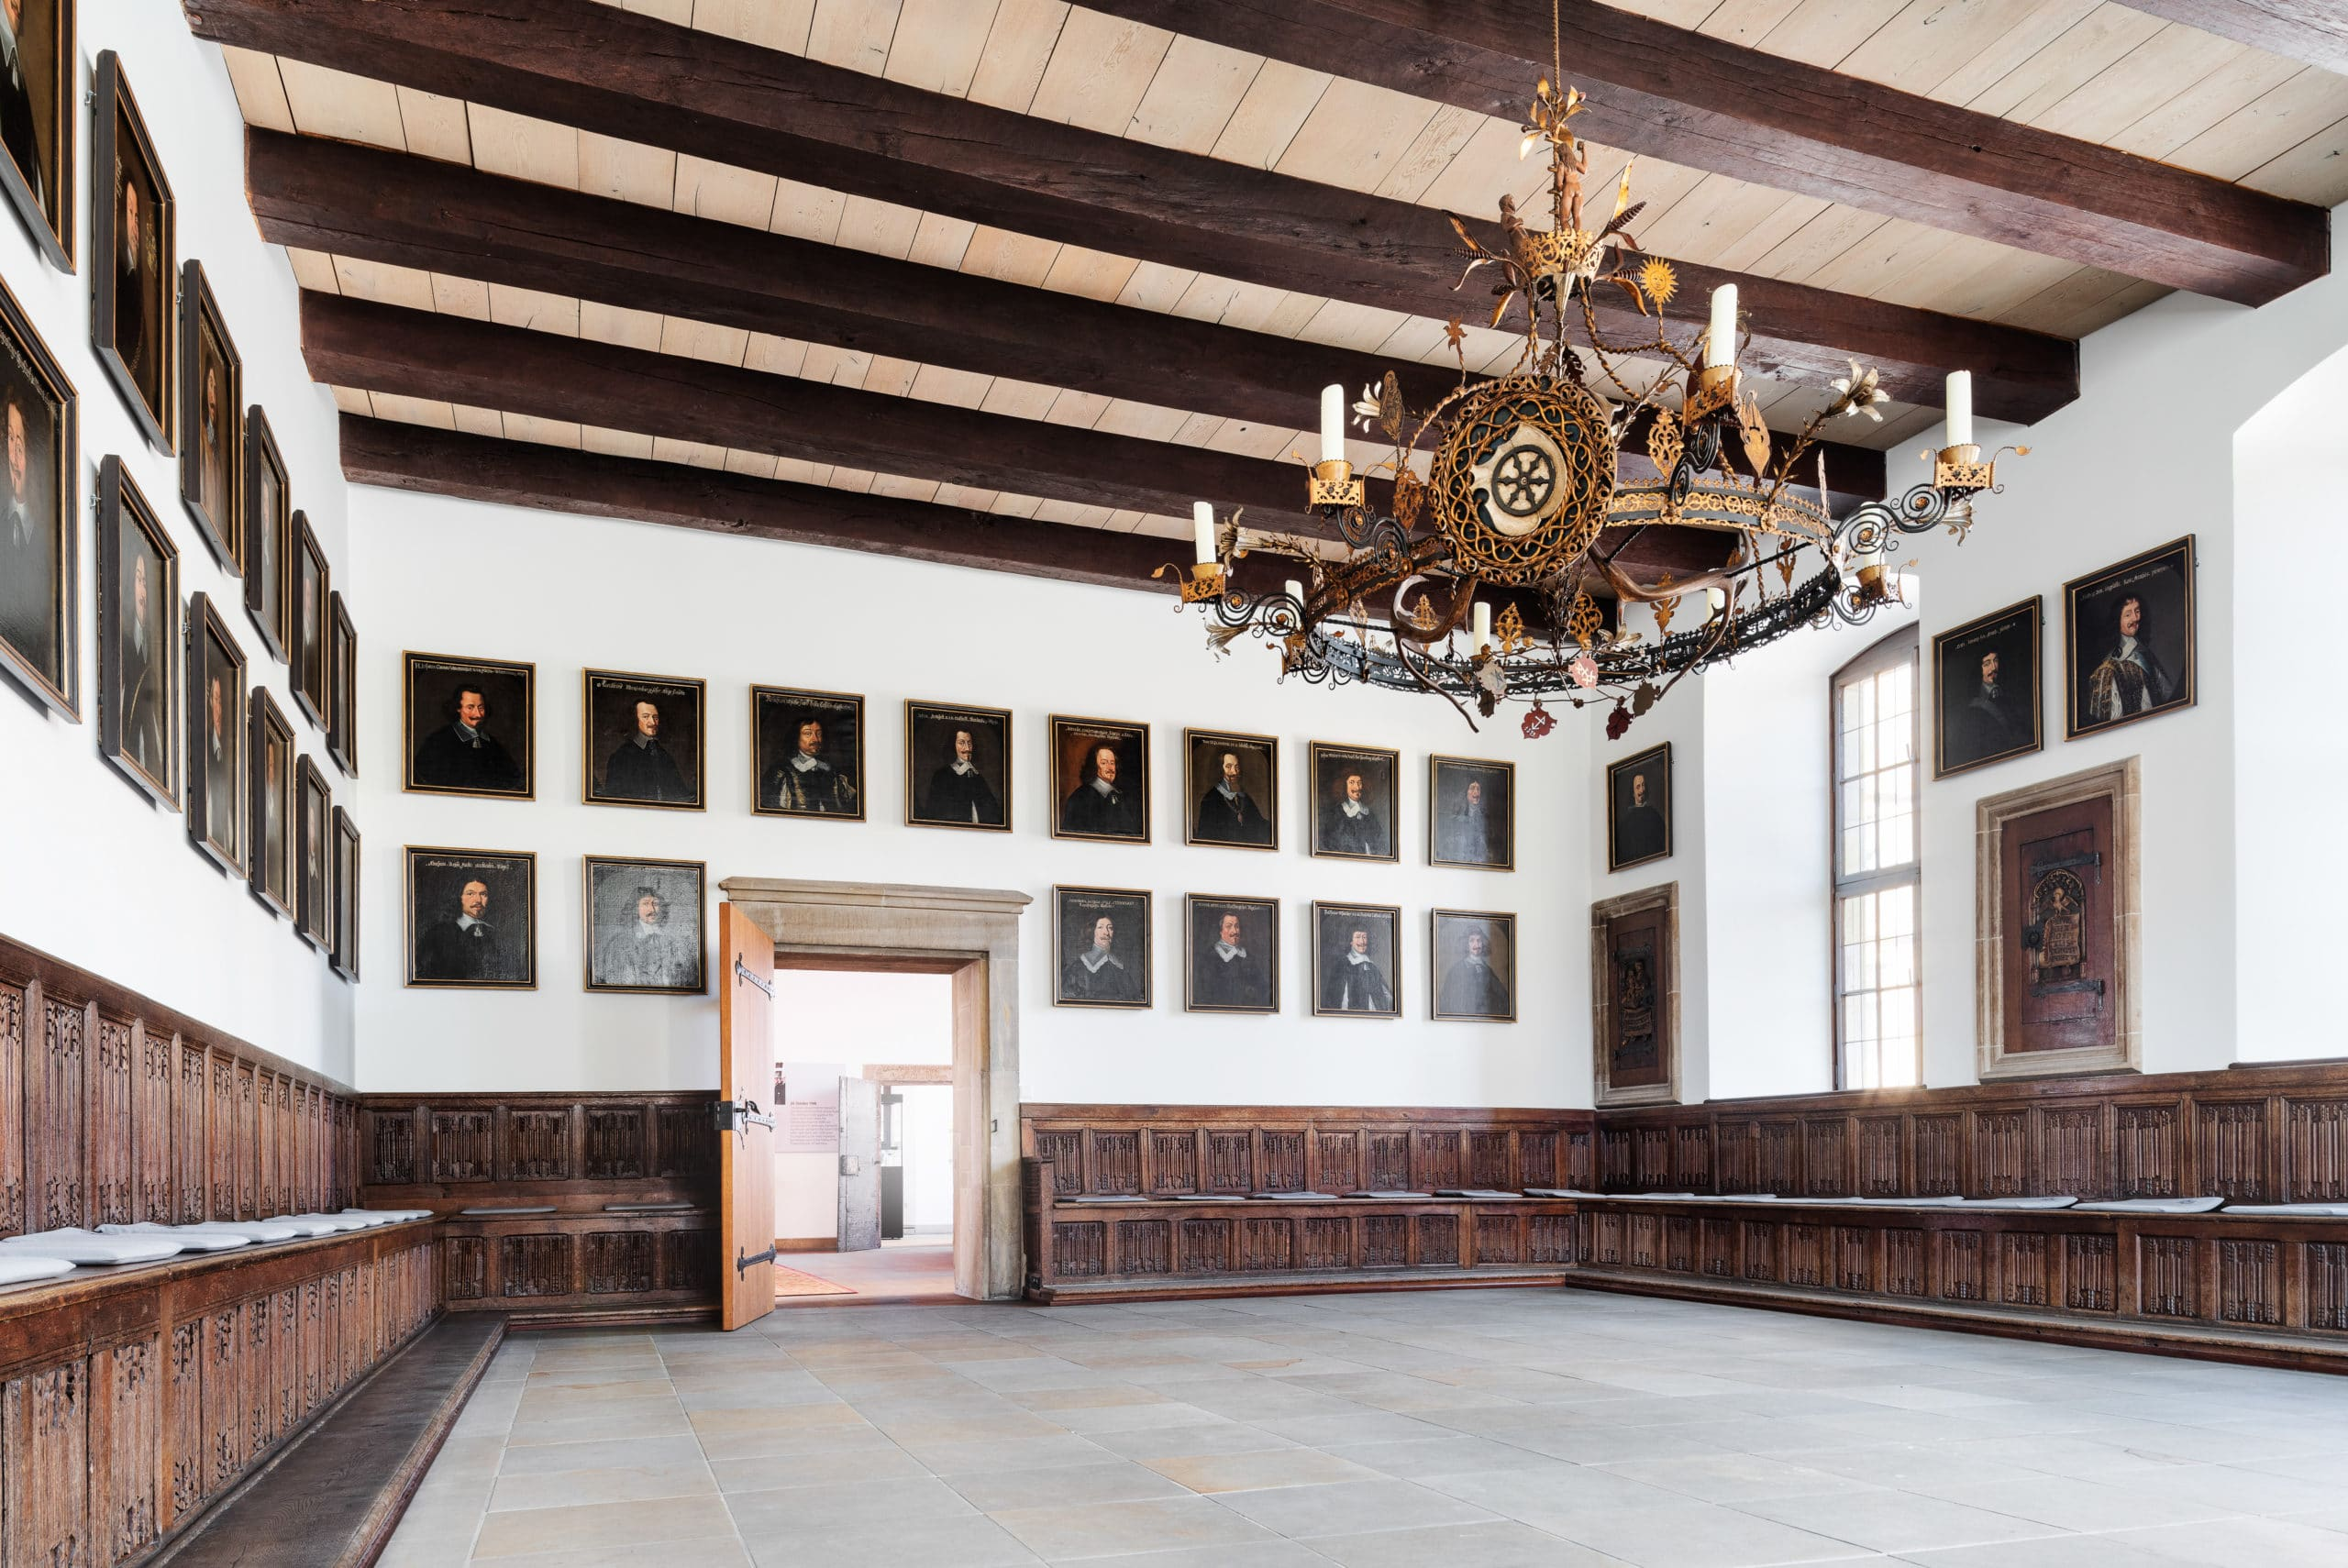 Innenaufnahme vom Friedenssaal des Rathaus Osnabrück |Architekturfotograf in der Region Osnabrück Münster Bielefeld für besondere Architekturaufnahmen